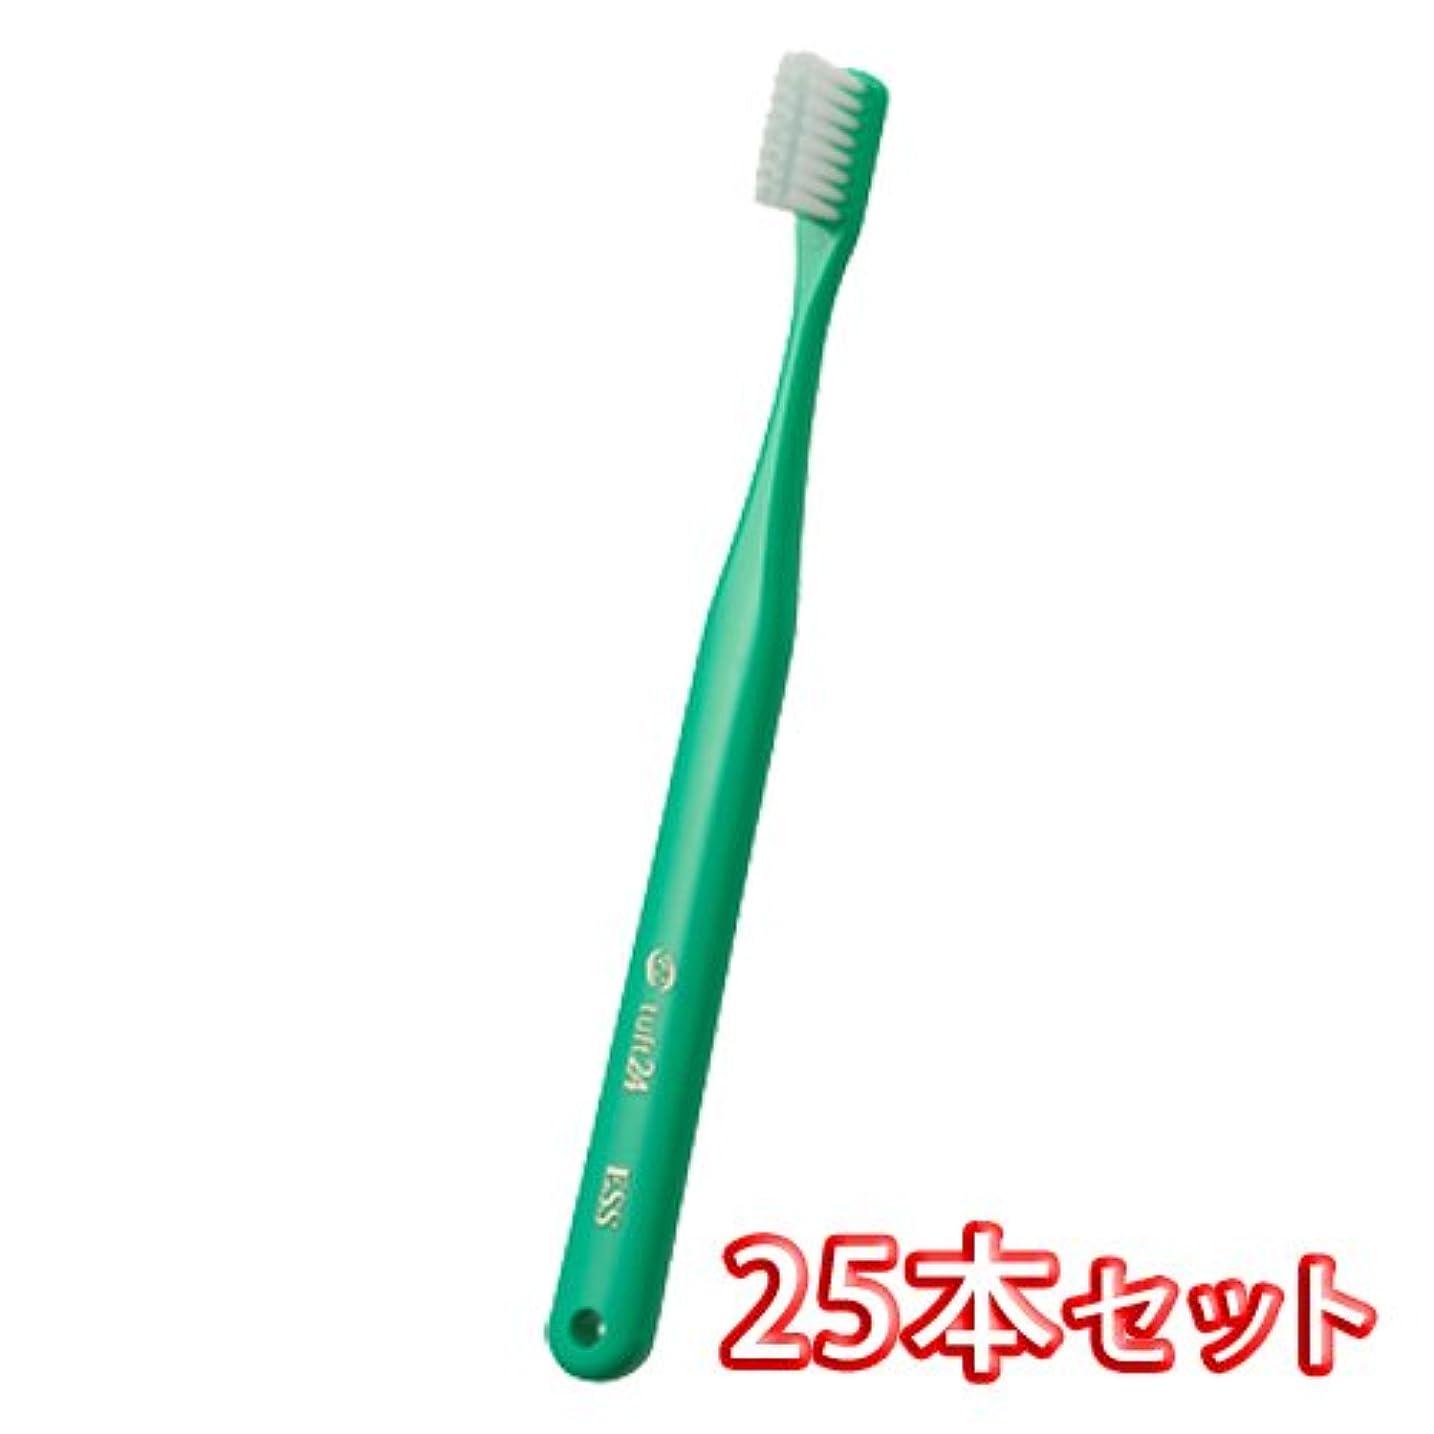 ほうきウルルカニオーラルケア キャップ付き タフト 24 歯ブラシ 25本入 ミディアムハード MH (グリーン)